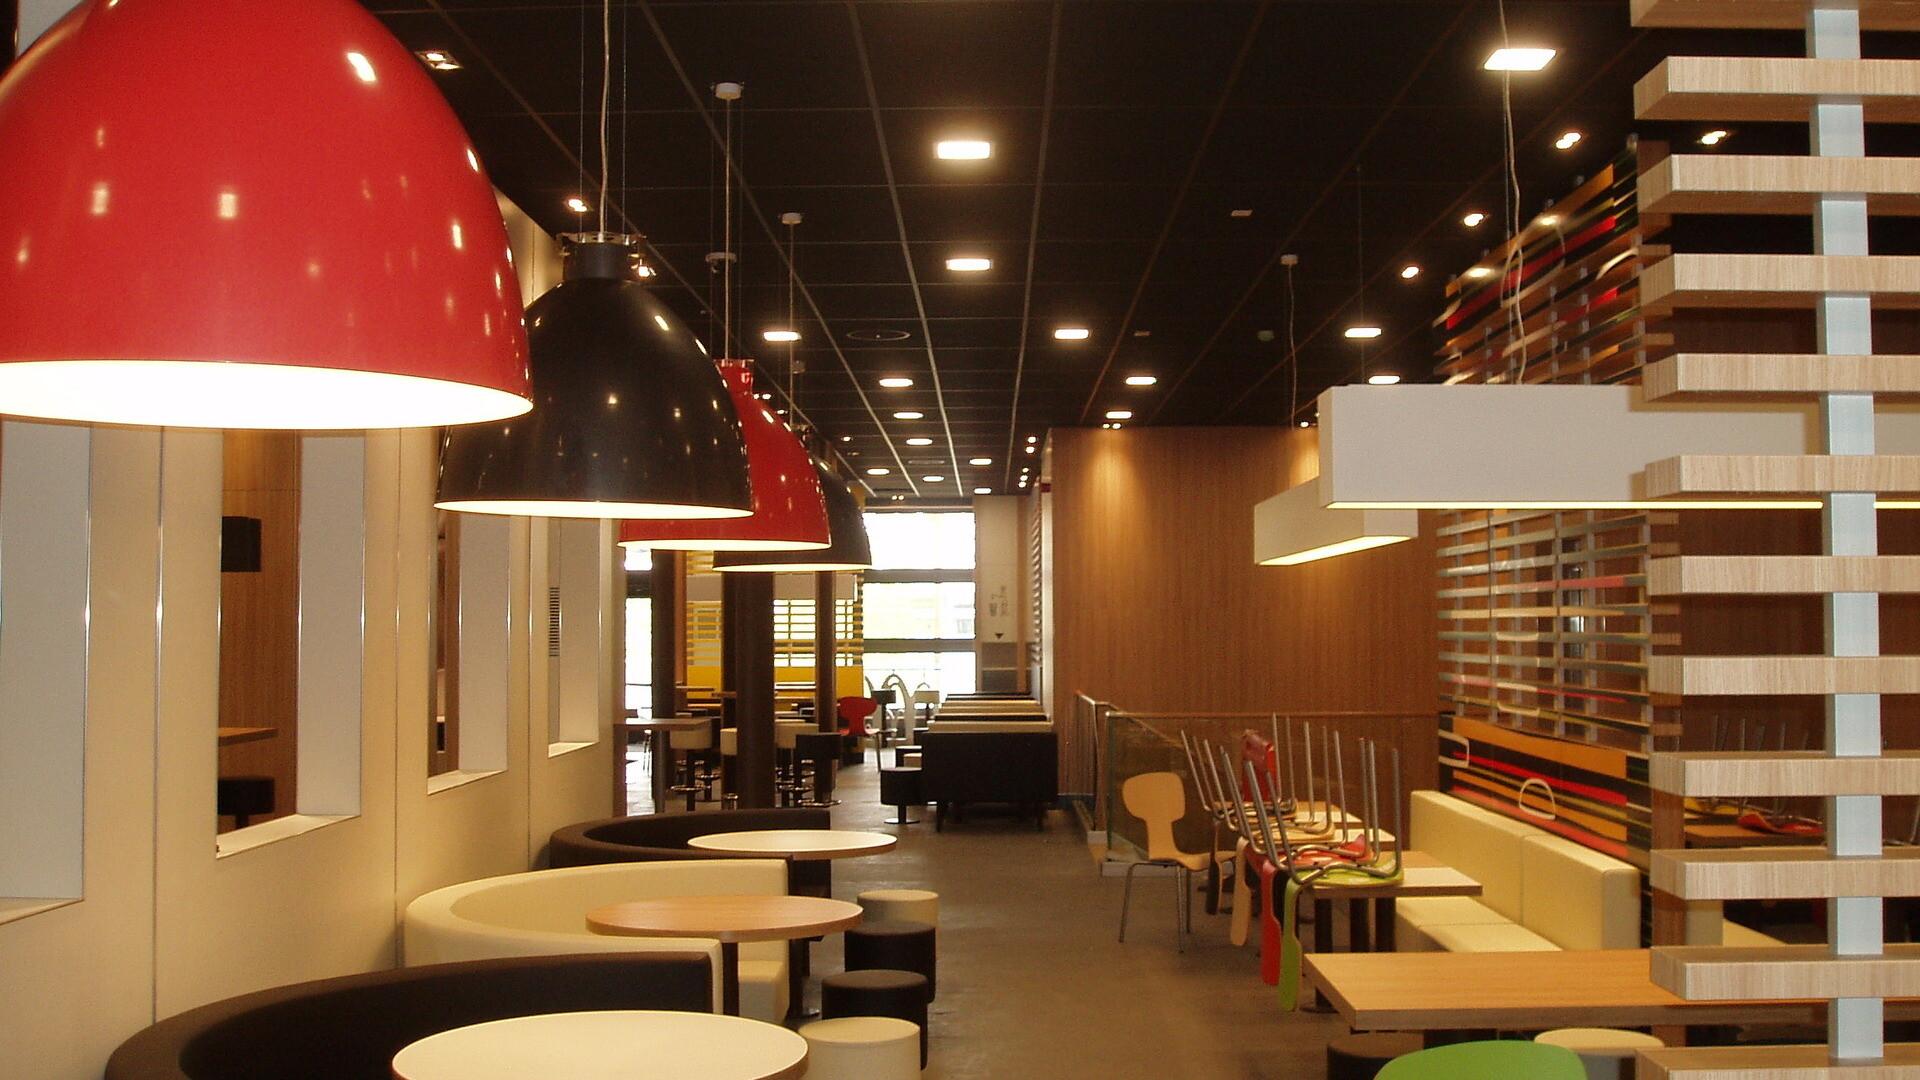 Design flexibility for sustainable restaurant design